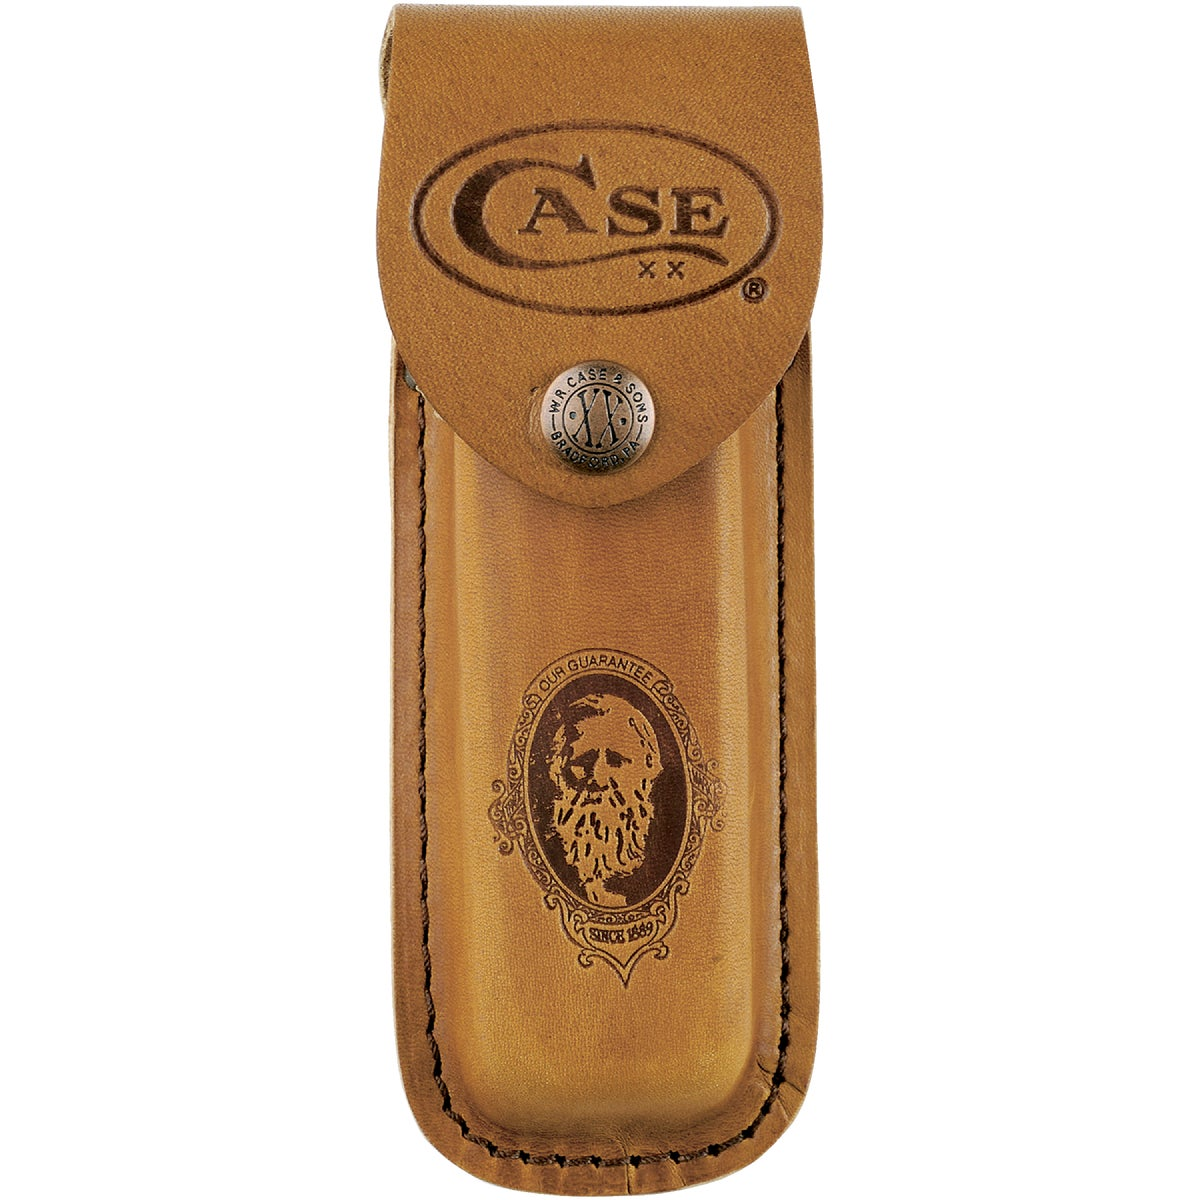 W. R. Case & Son LARGE KNIFE SHEATH 9027